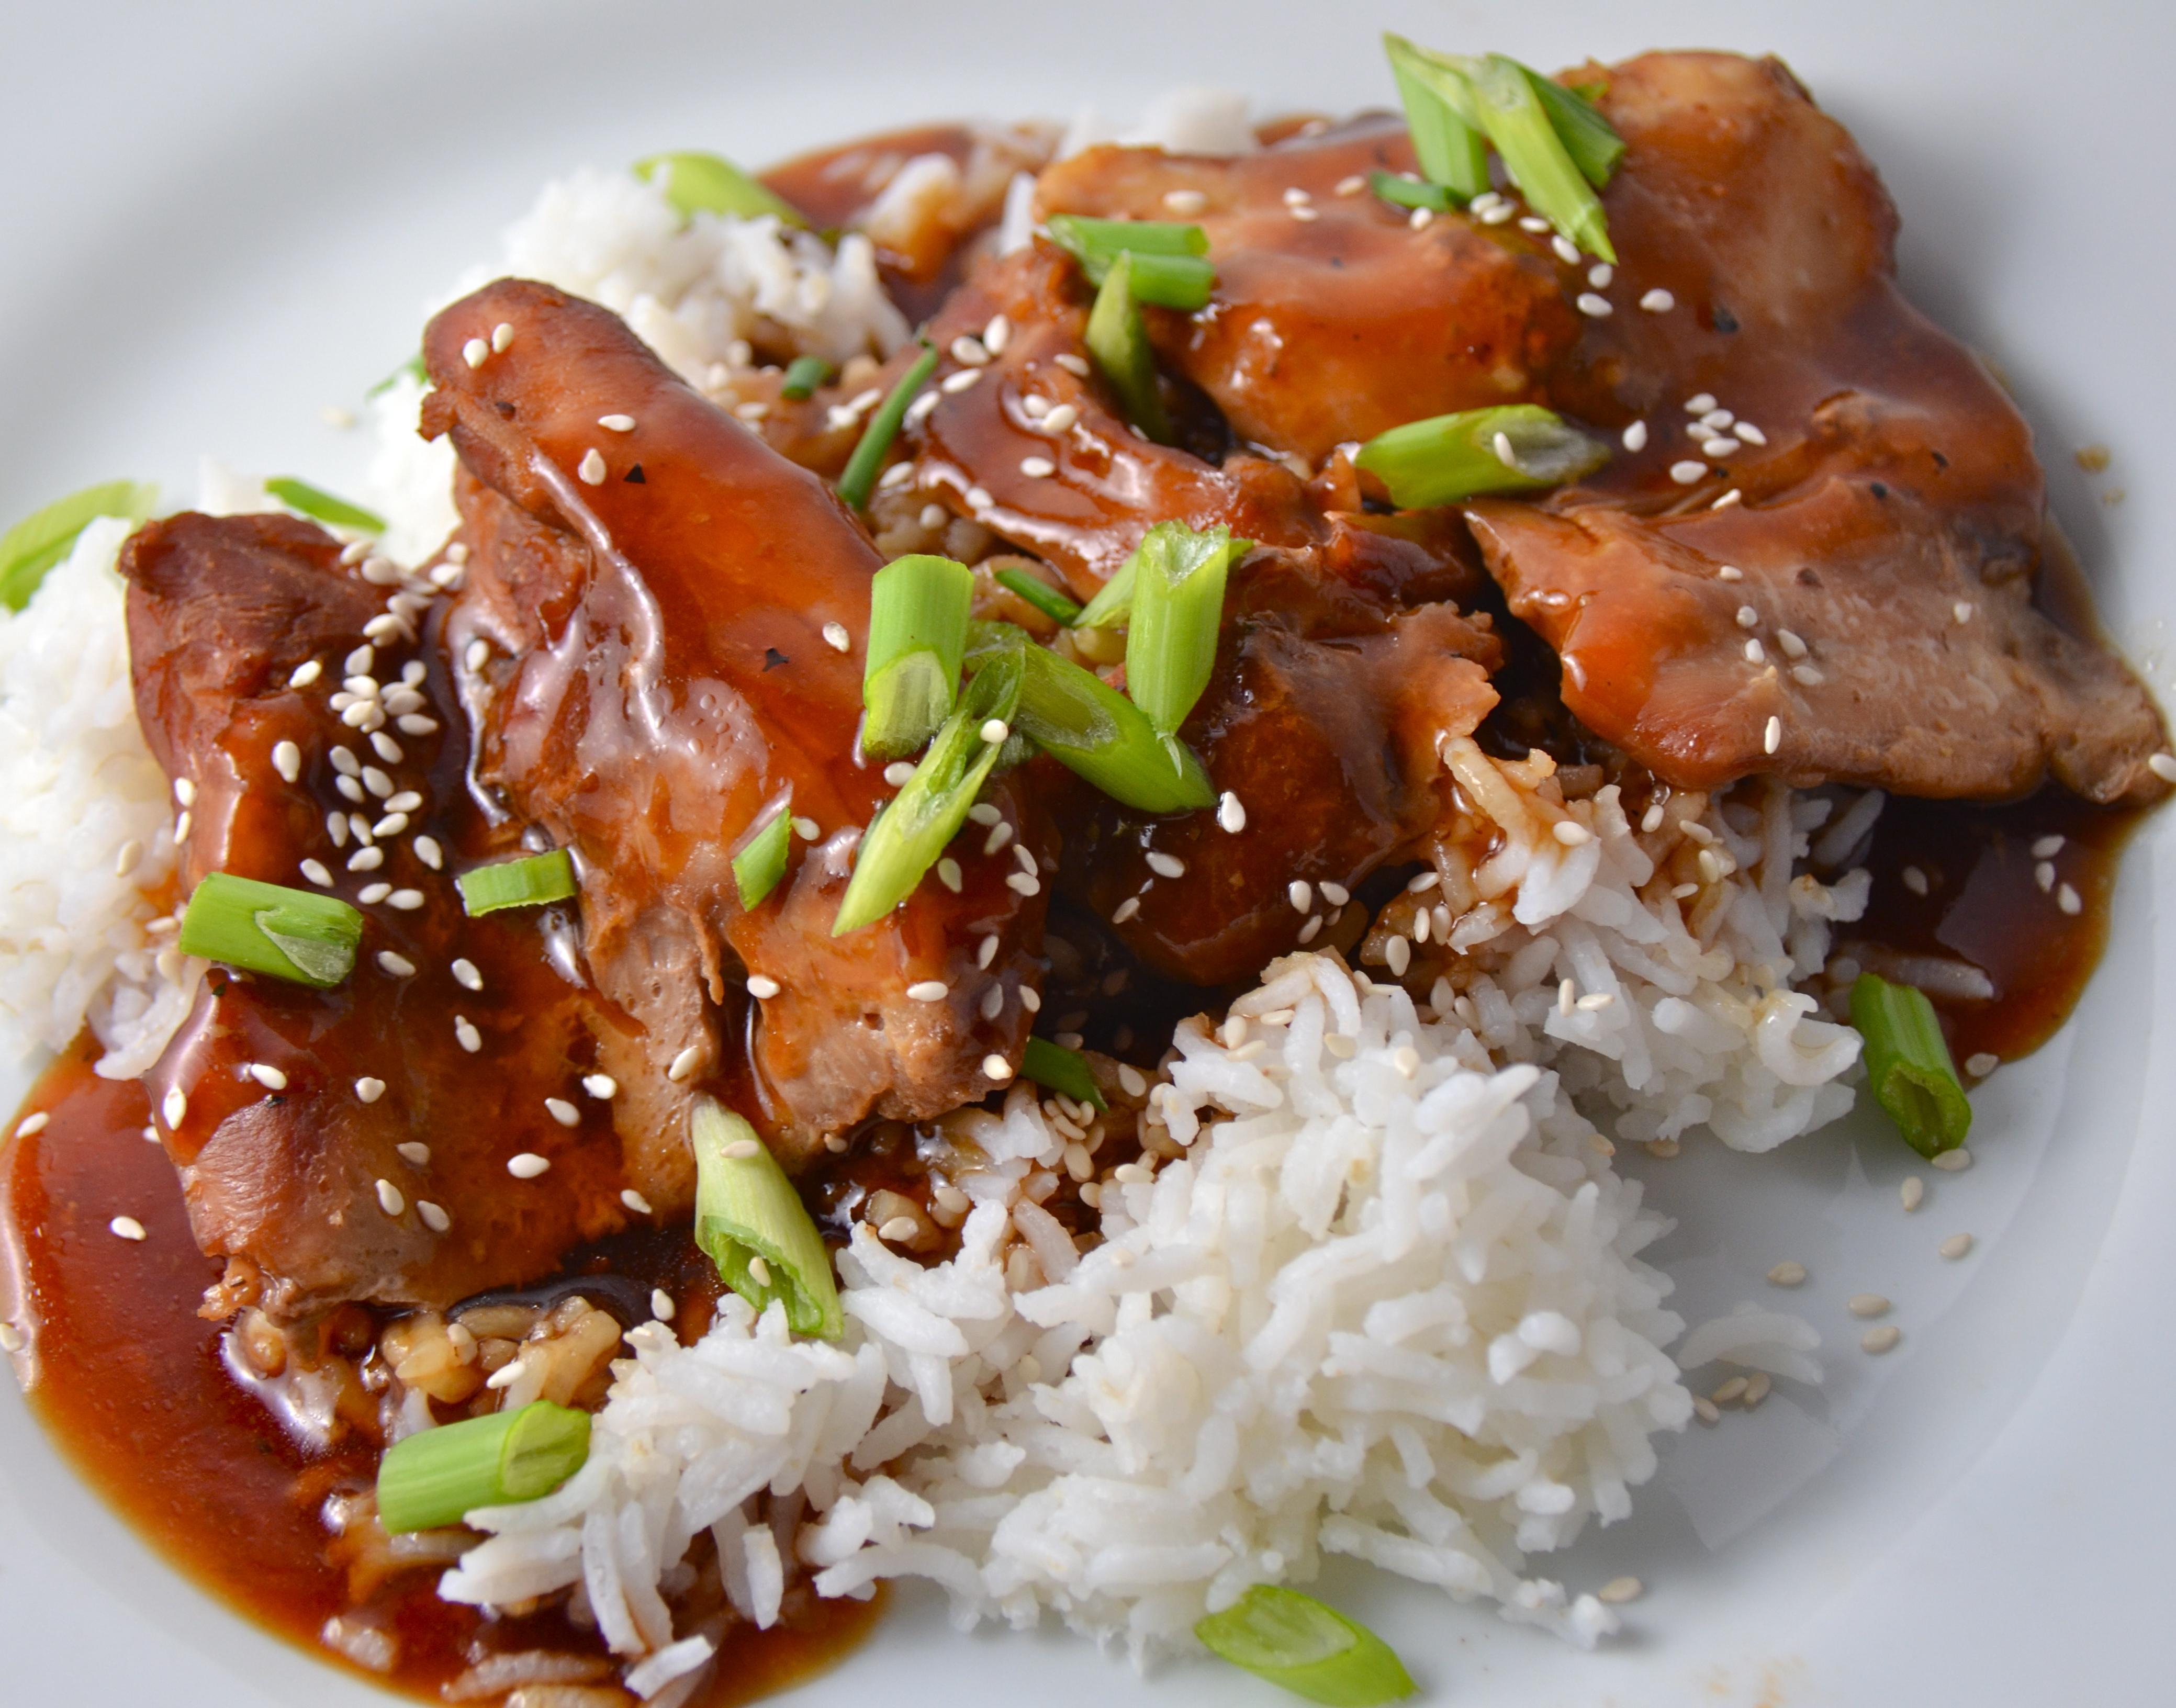 Slow Cooker Chicken Teriyaki 3b45709154db0a9ba917312461fc08cf01f8dd76b95279774b83f97692ebcae6